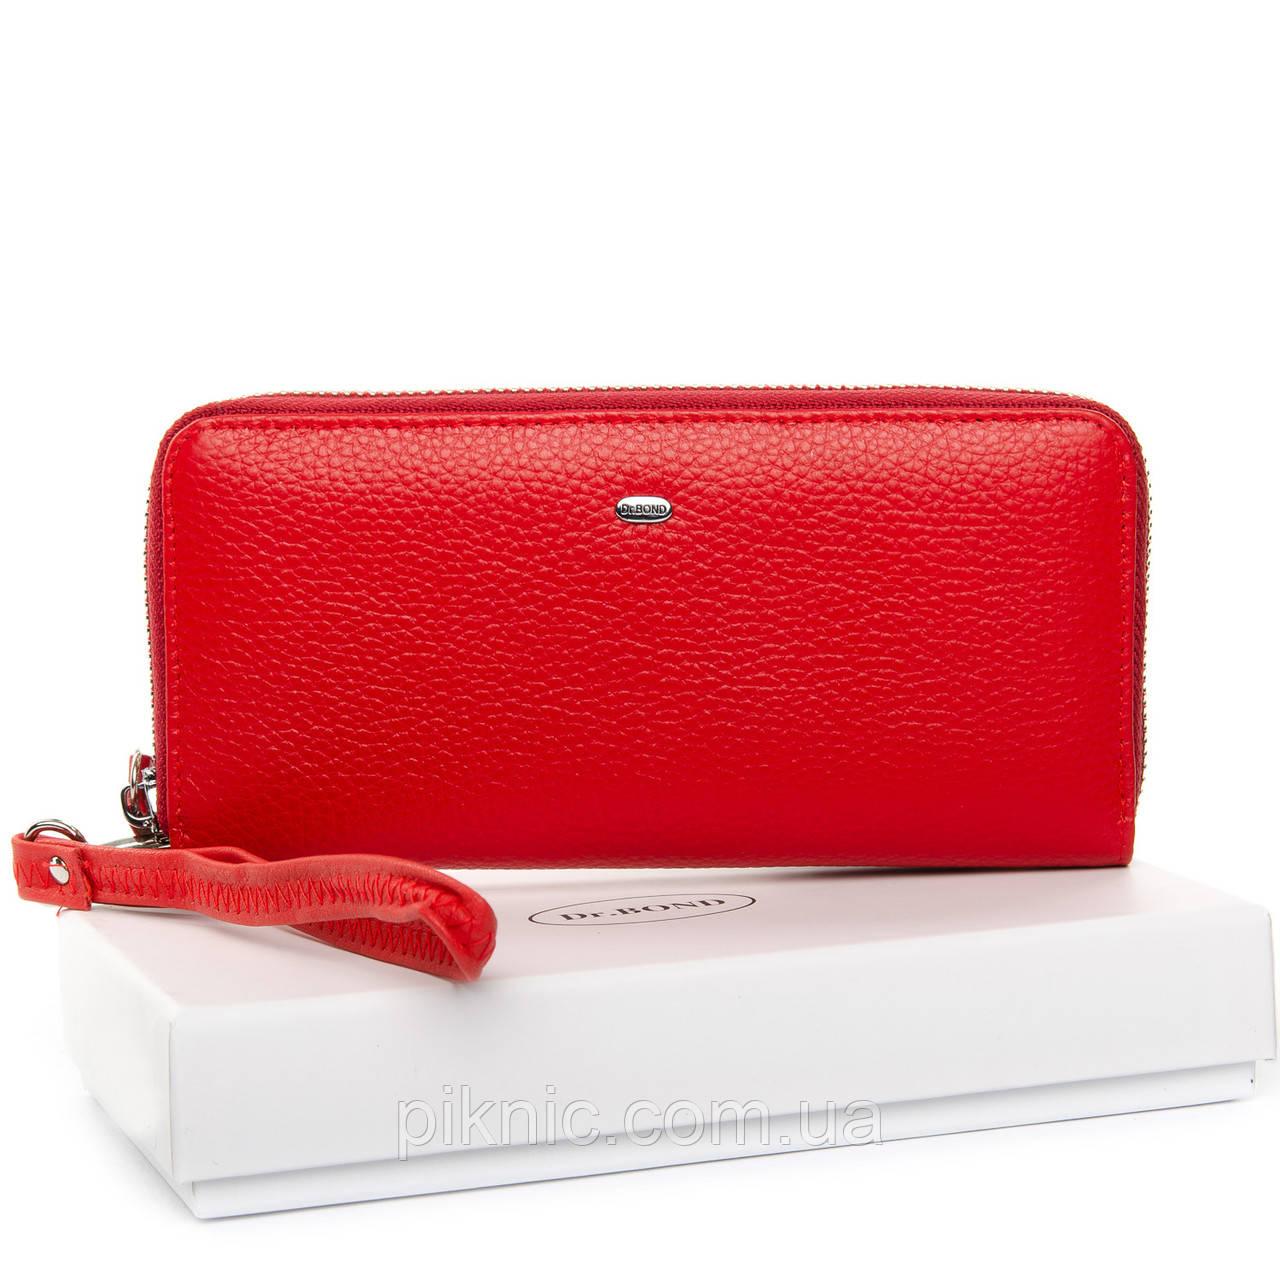 Женский кожаный кошелек на молнии Dr Bond. Из натуральной кожи. Красный